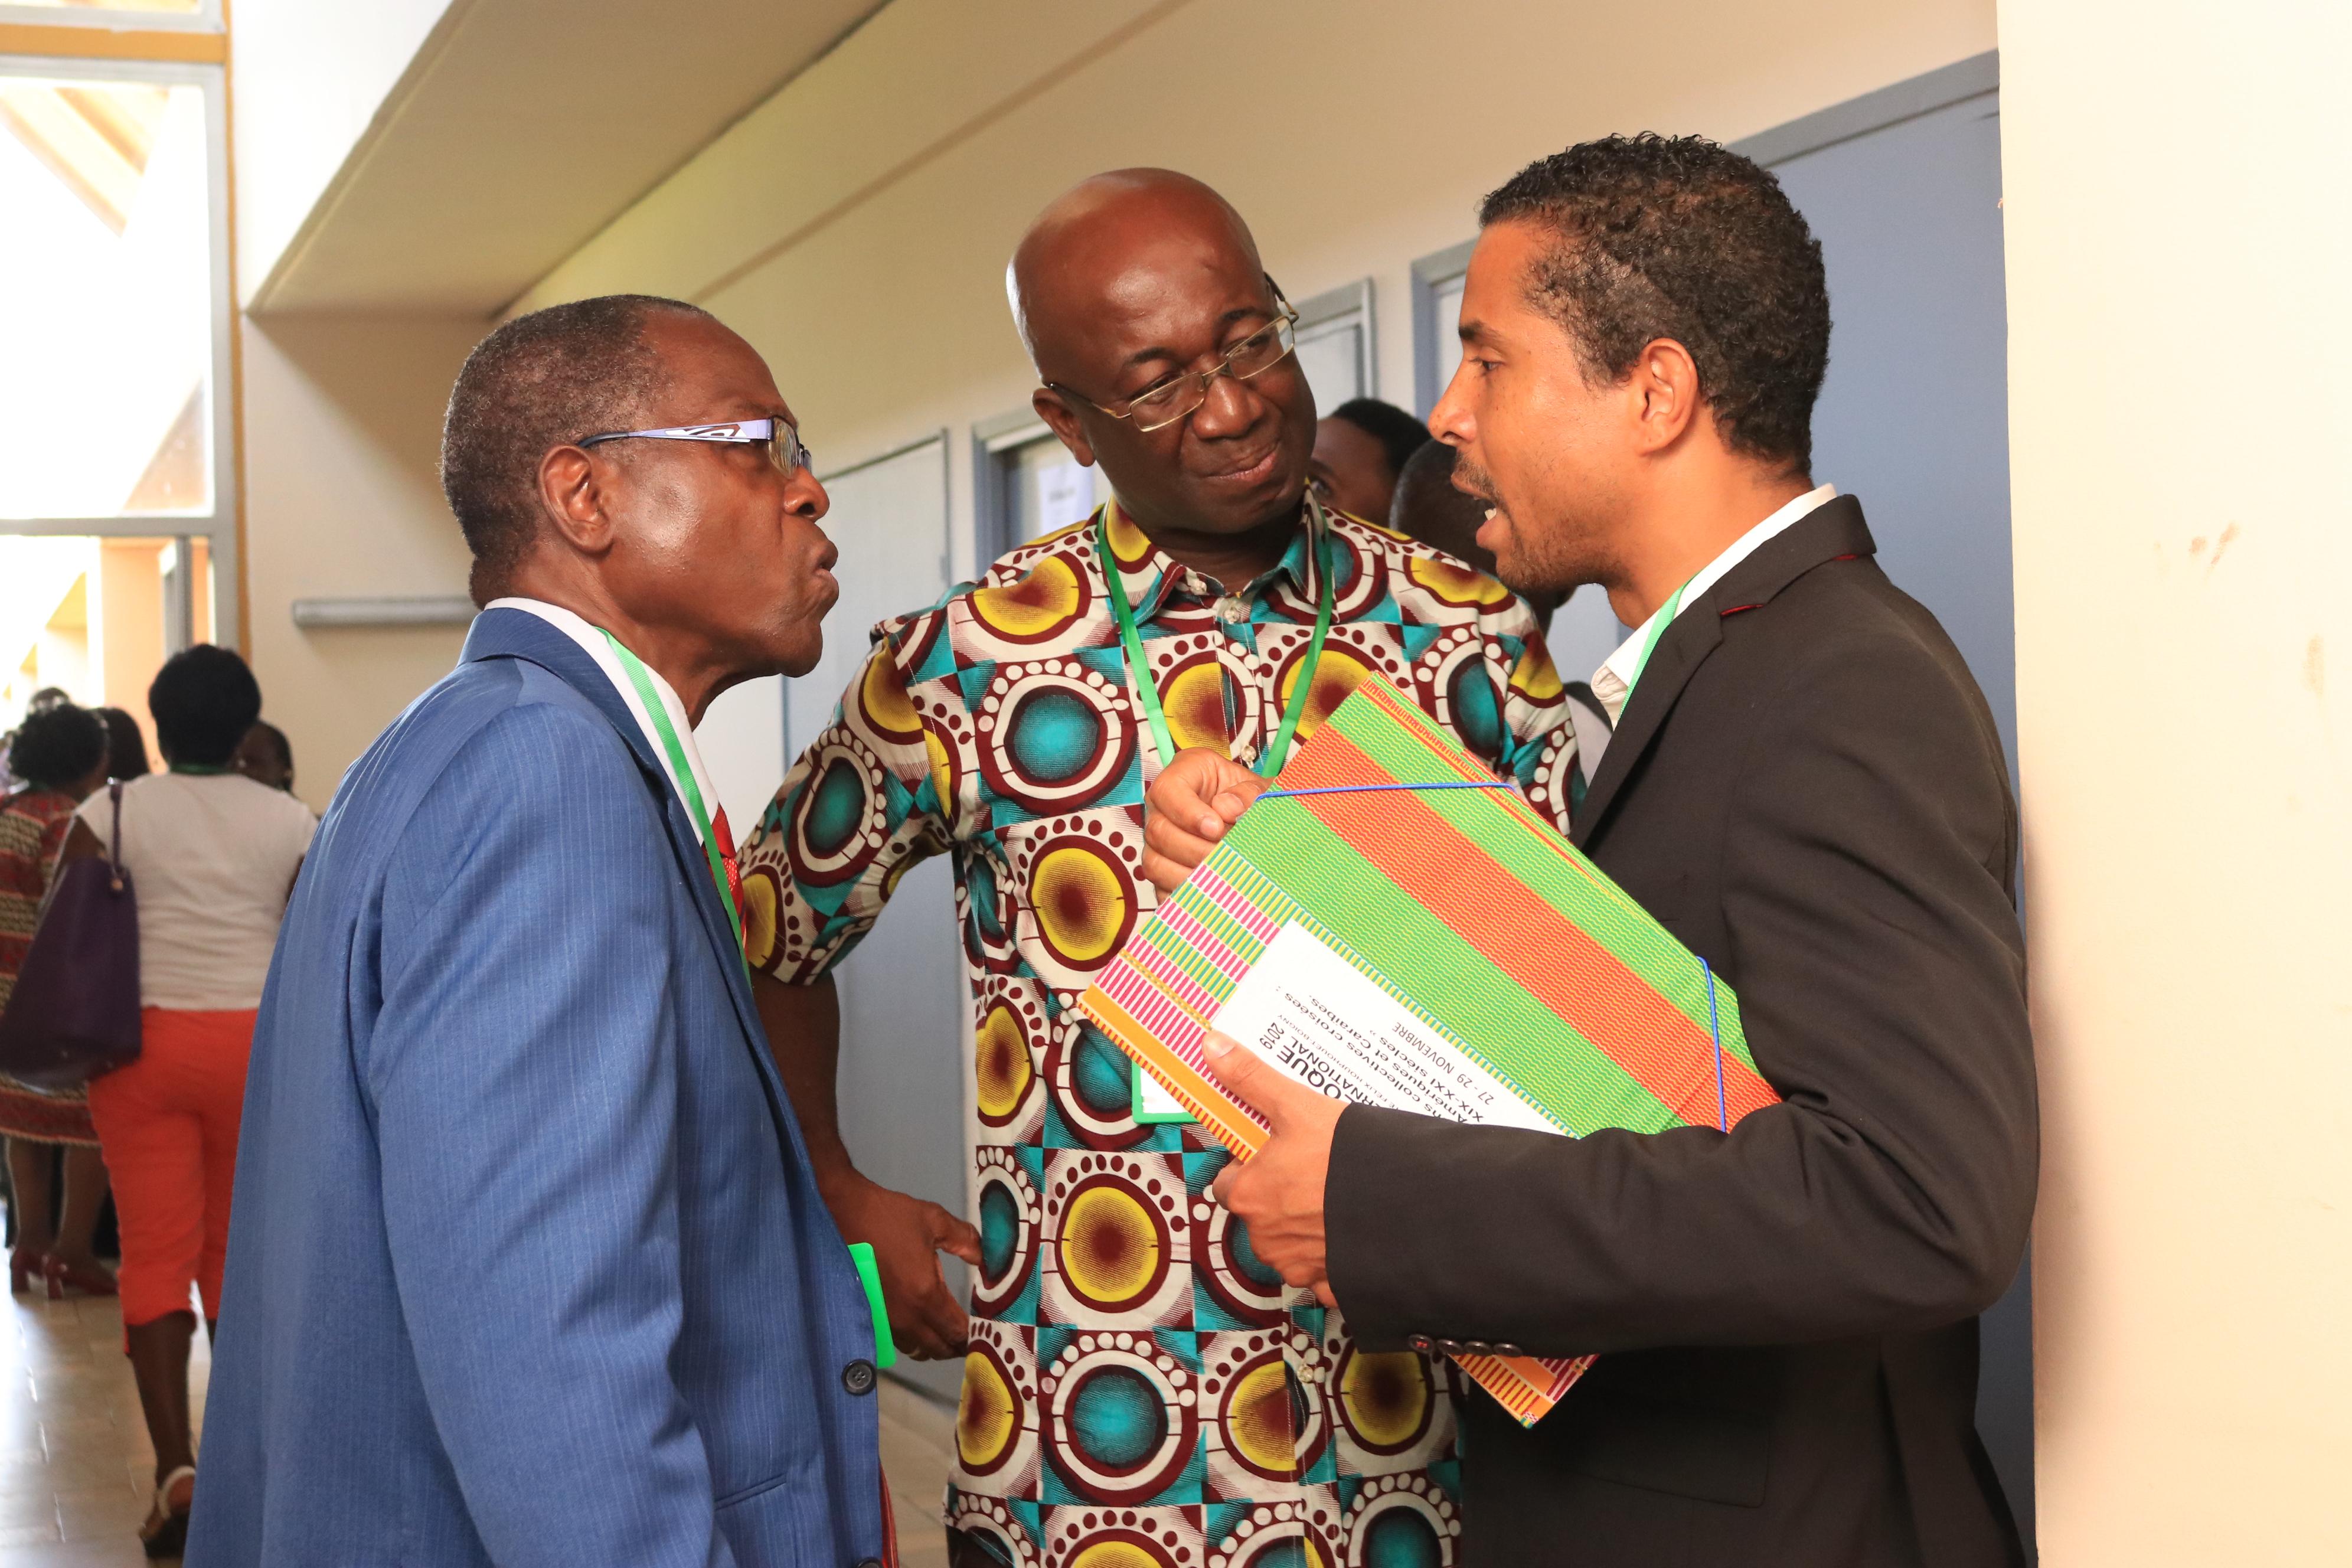 Congrès d'Abidjan 2019 - 09